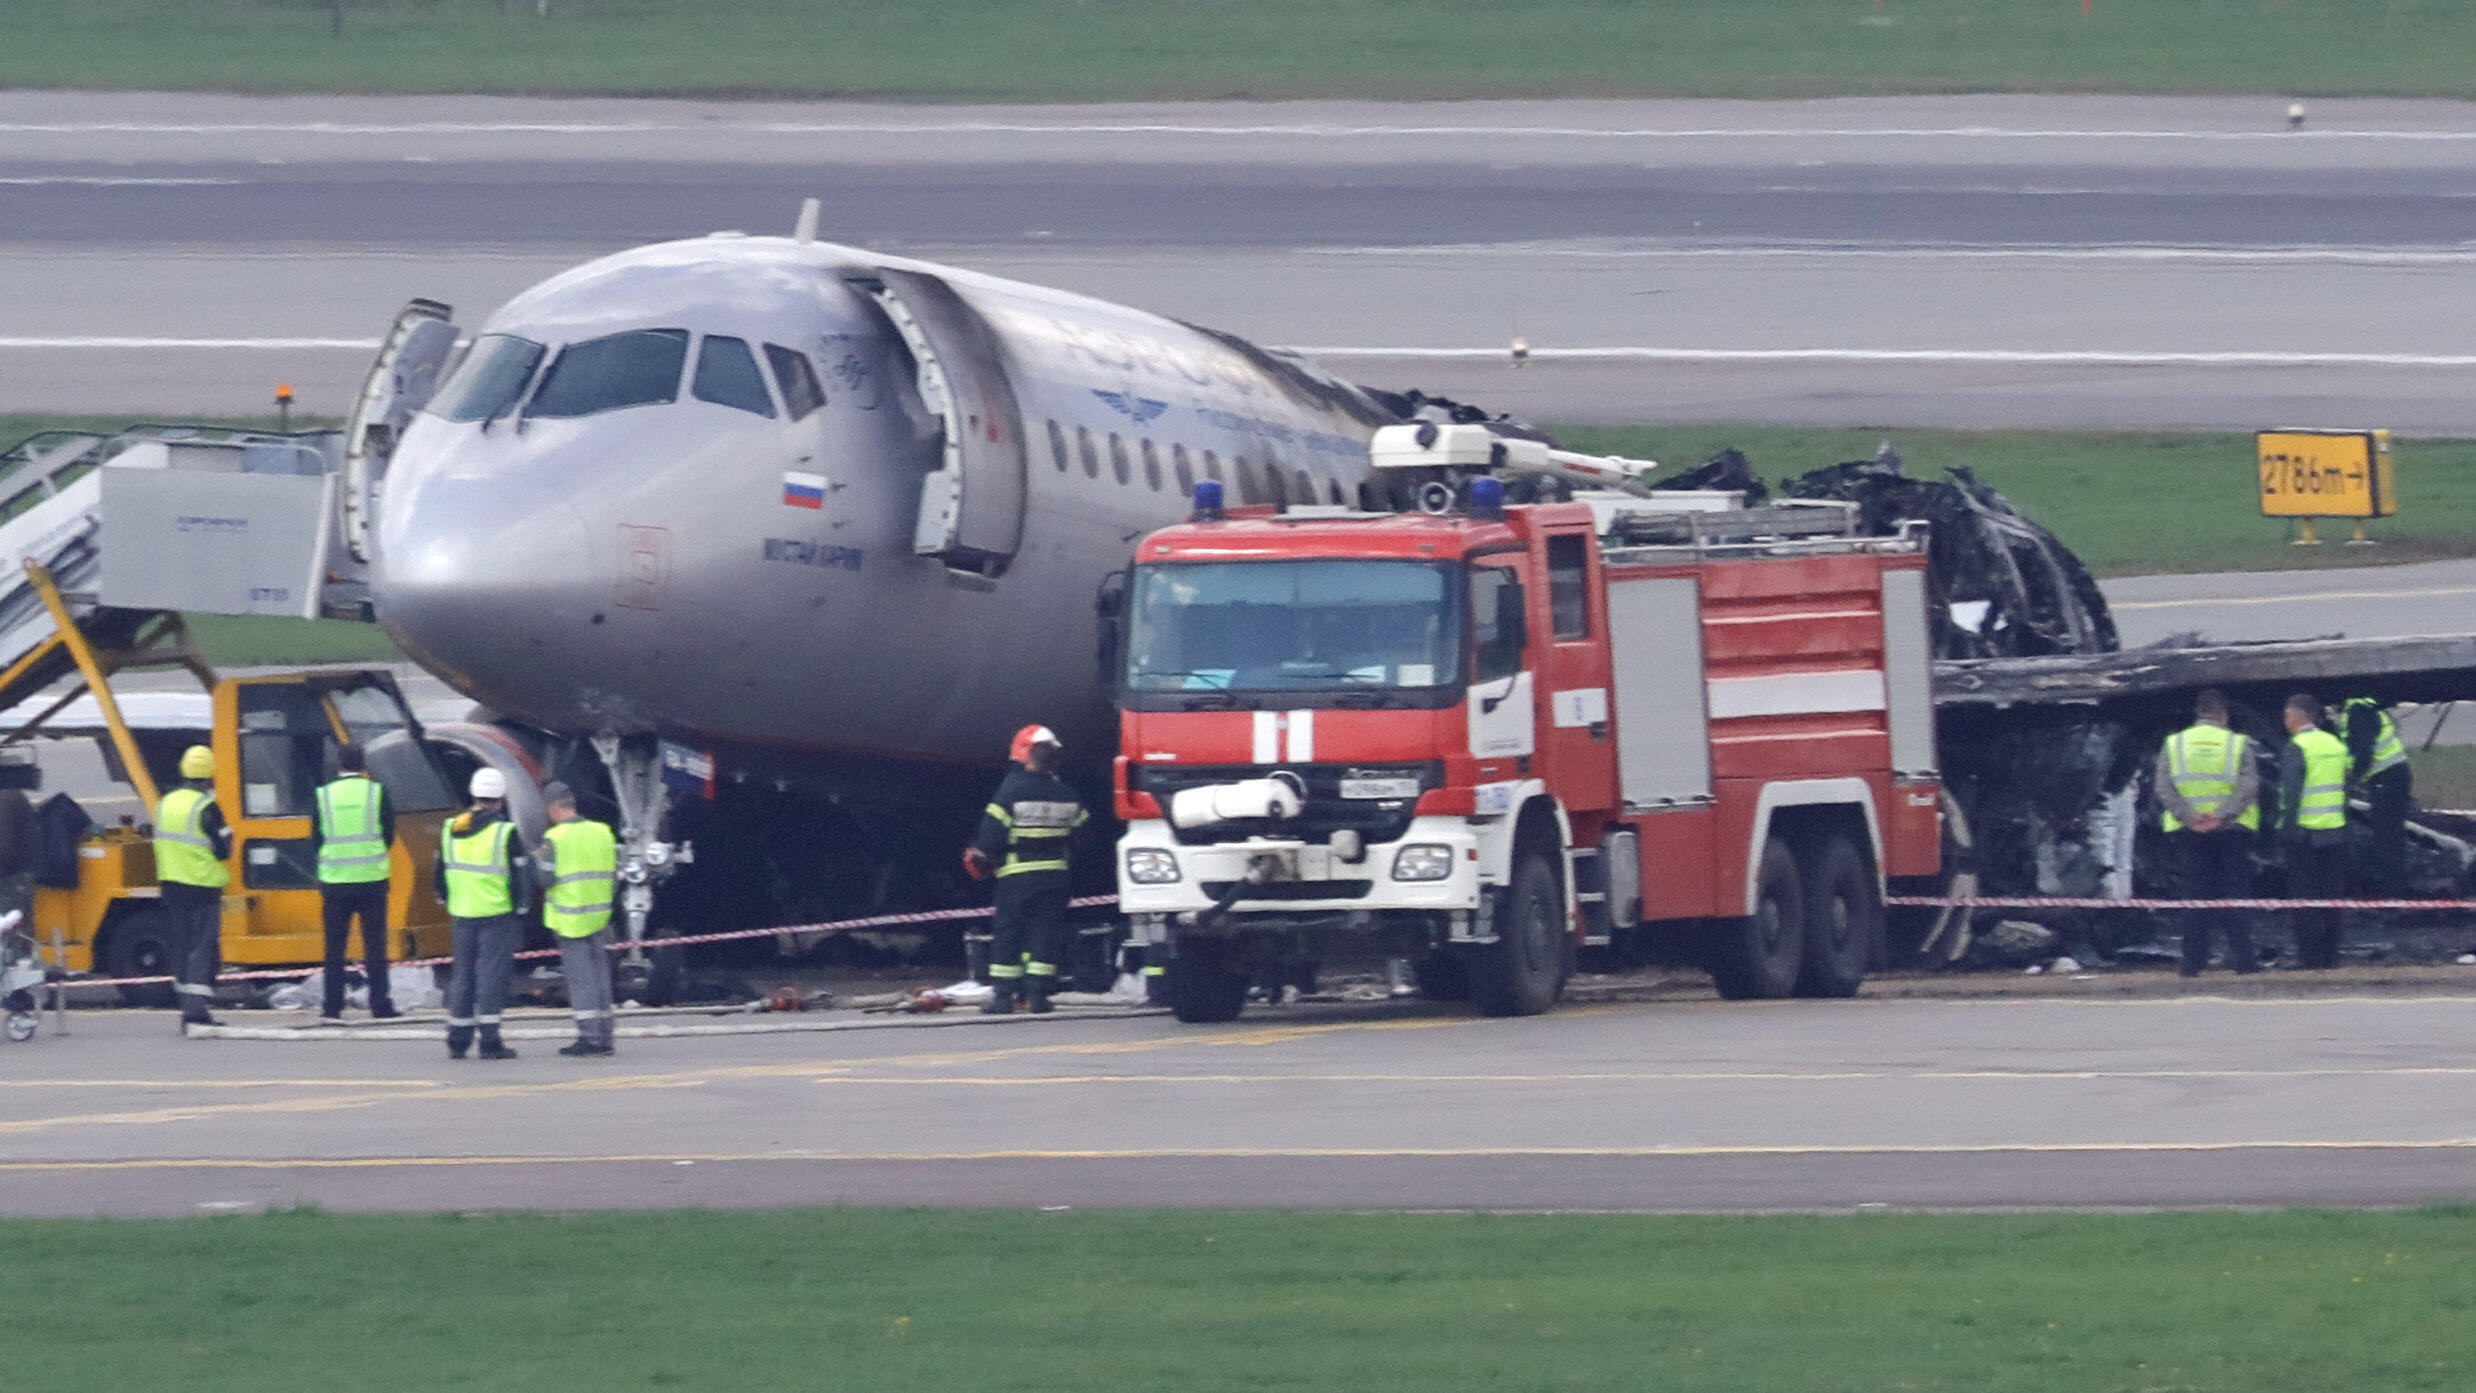 Возможные причины катастрофы: ошибки пилотов и диспетчеров, наземных служб, осуществлявших контроль технического состояния воздушного судна, а также неисправность самого самолета